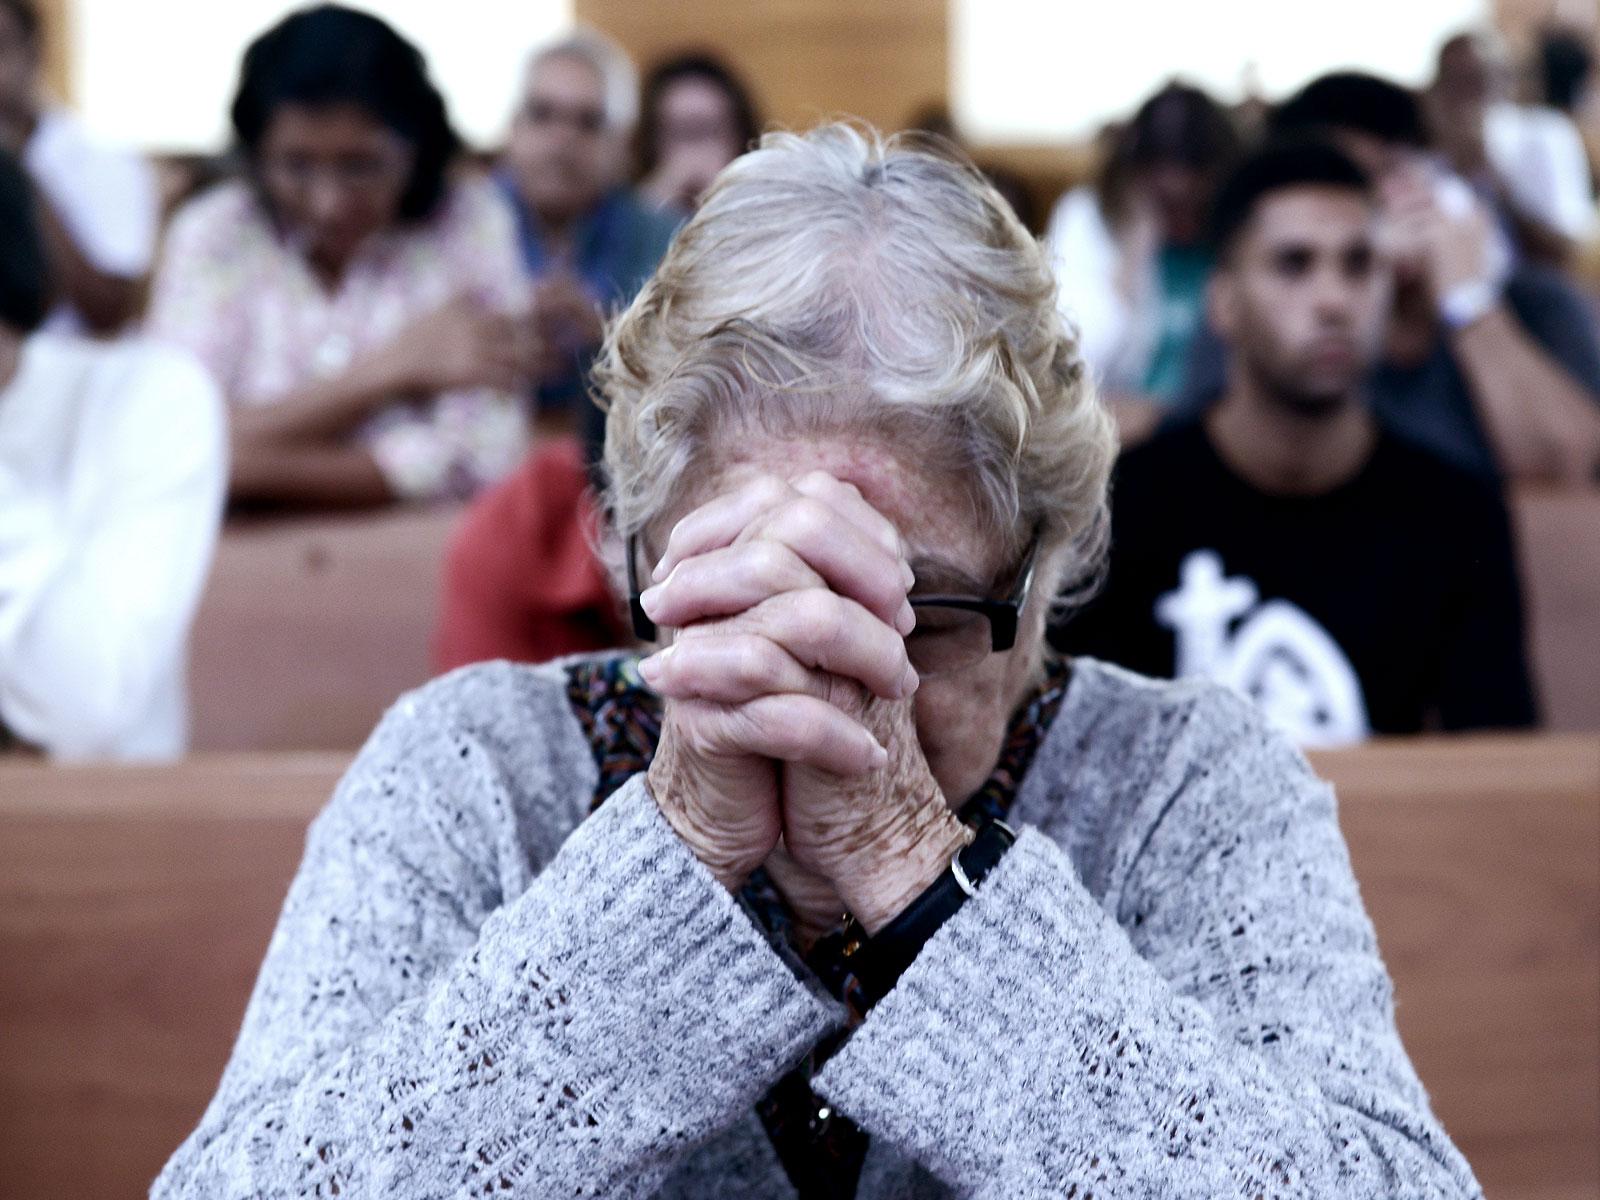 Confira 6 dicas para participar bem da Santa Missa